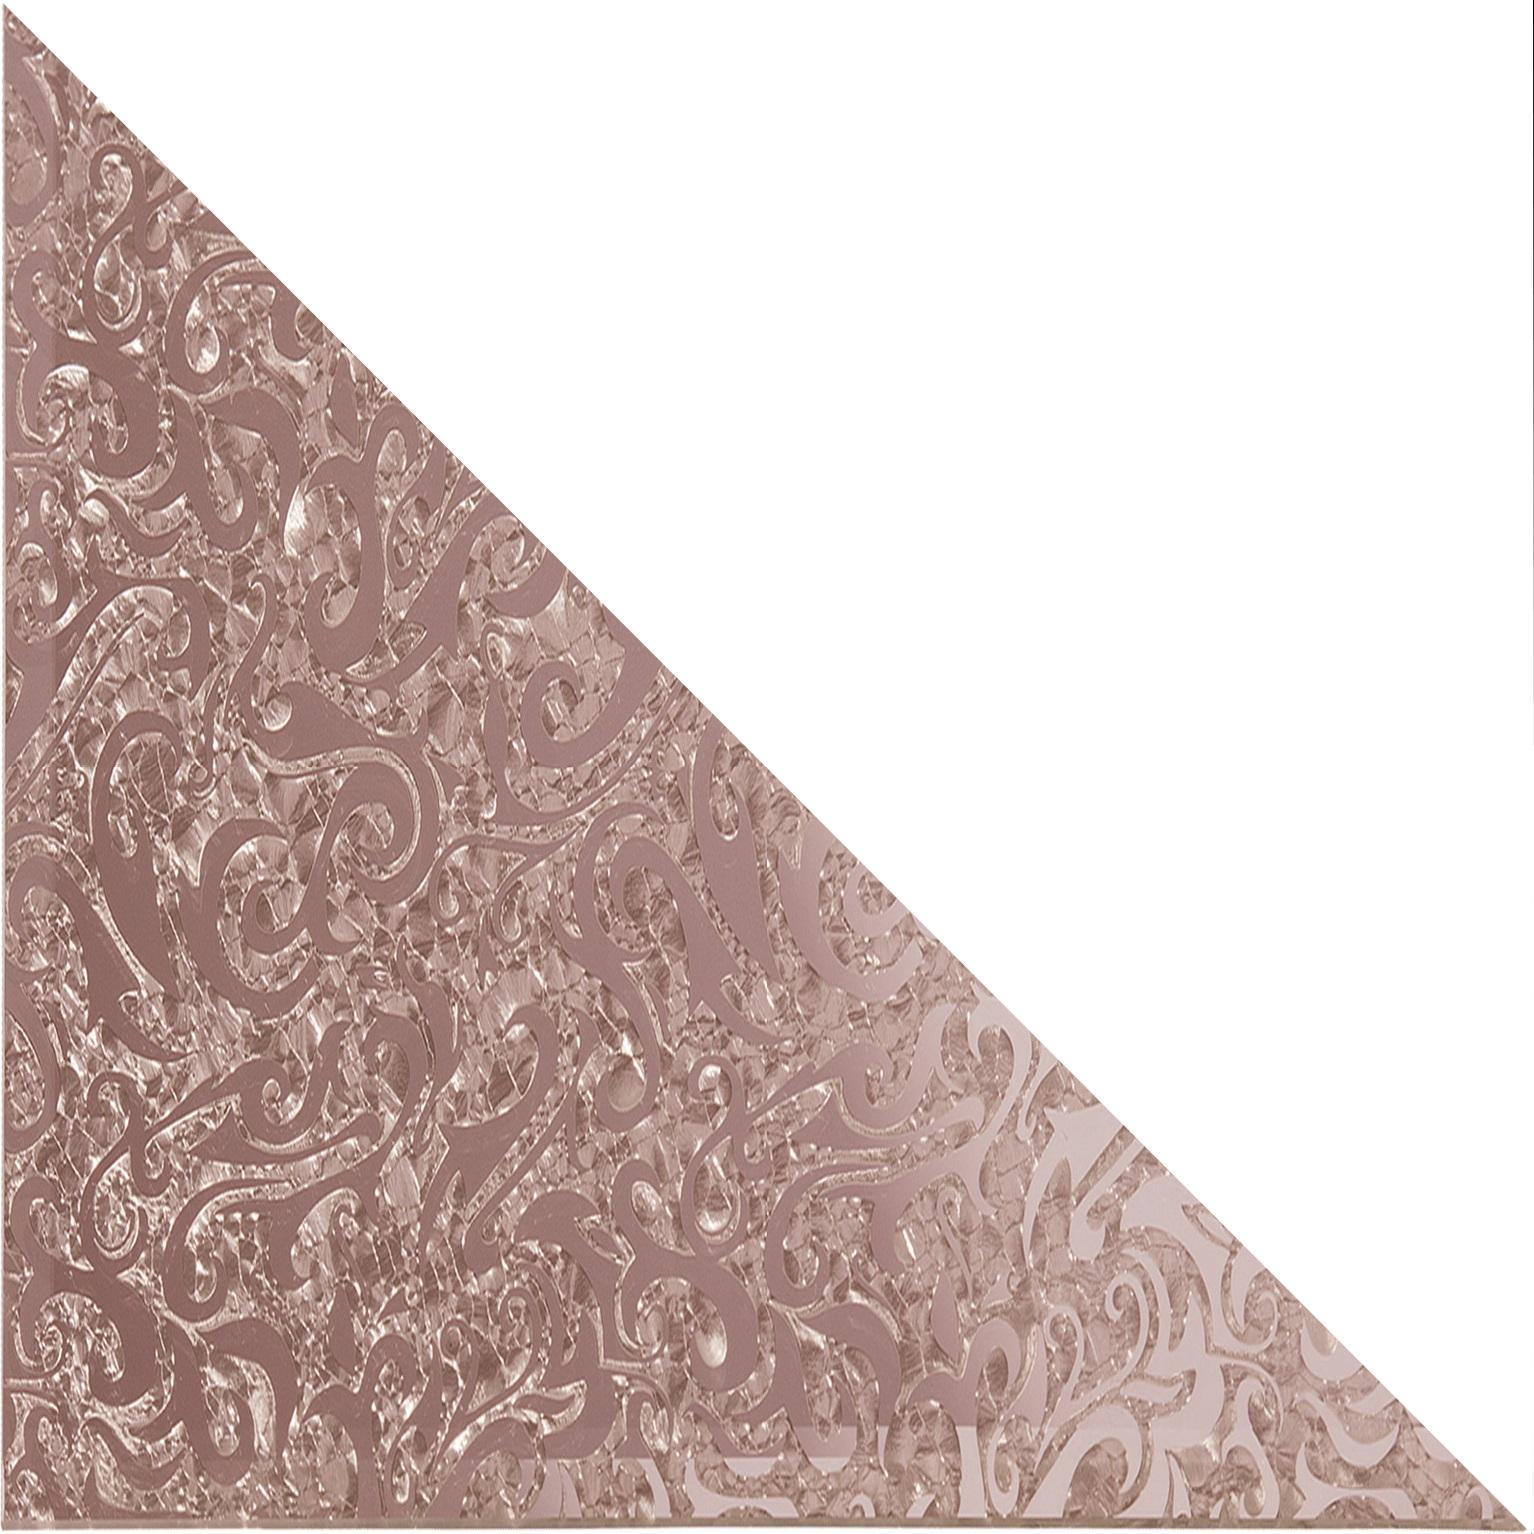 Треугольная зеркальная рыжая плитка Алладин-3 ТЗРАл-3 - 250х250 мм/10шт sitemap 198 xml page 3